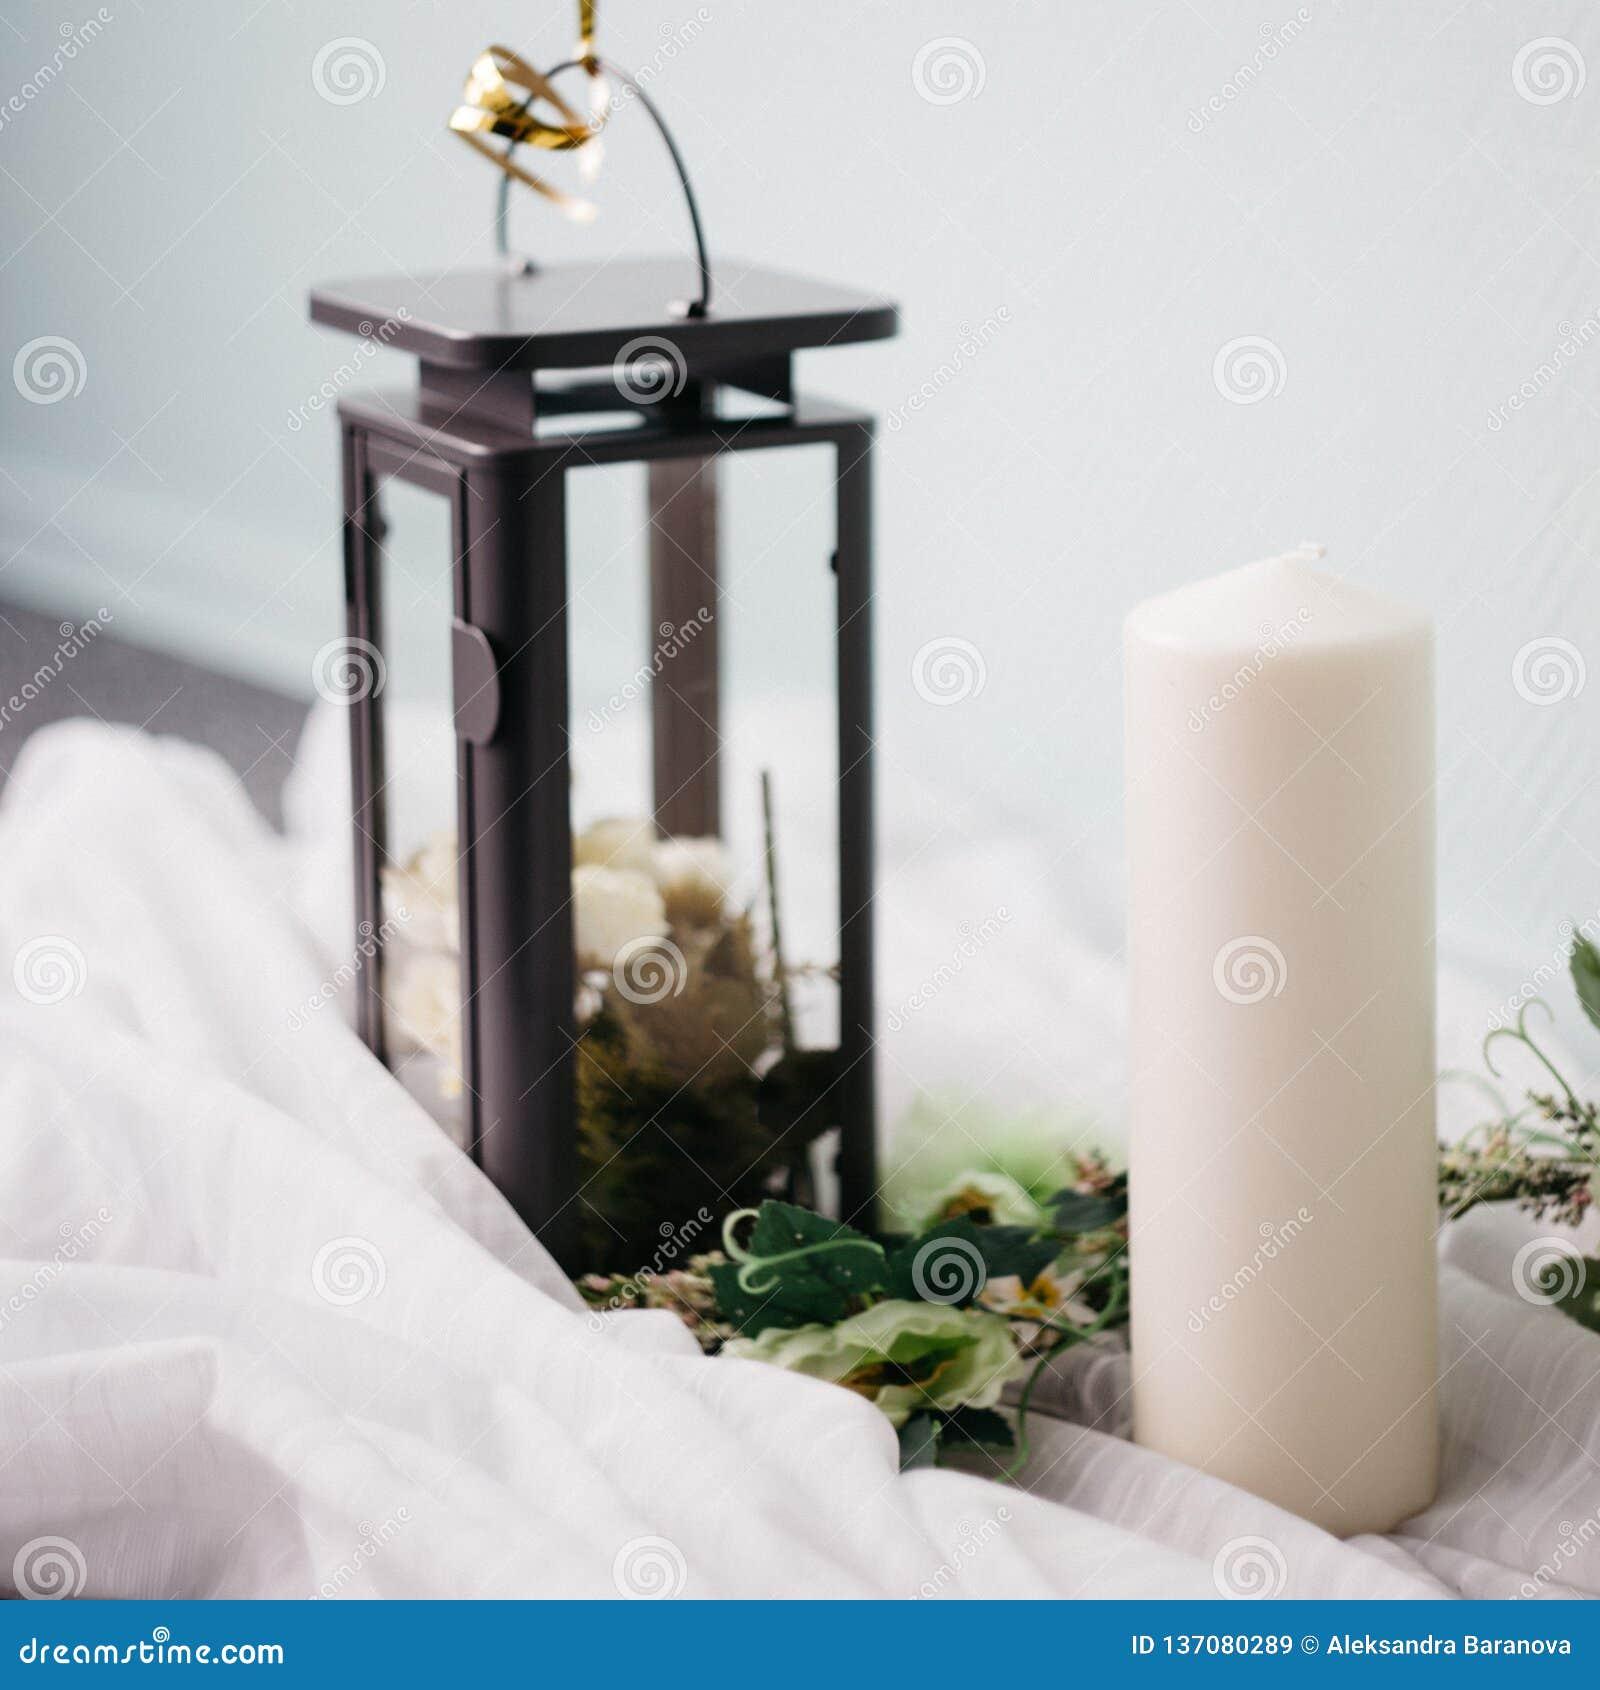 Moskau, Russland - 06 10 2018: schwarze Metalllampe mit weißen Rosen, Kerze und Blumen auf hellem Hintergrund, Hauptdekor